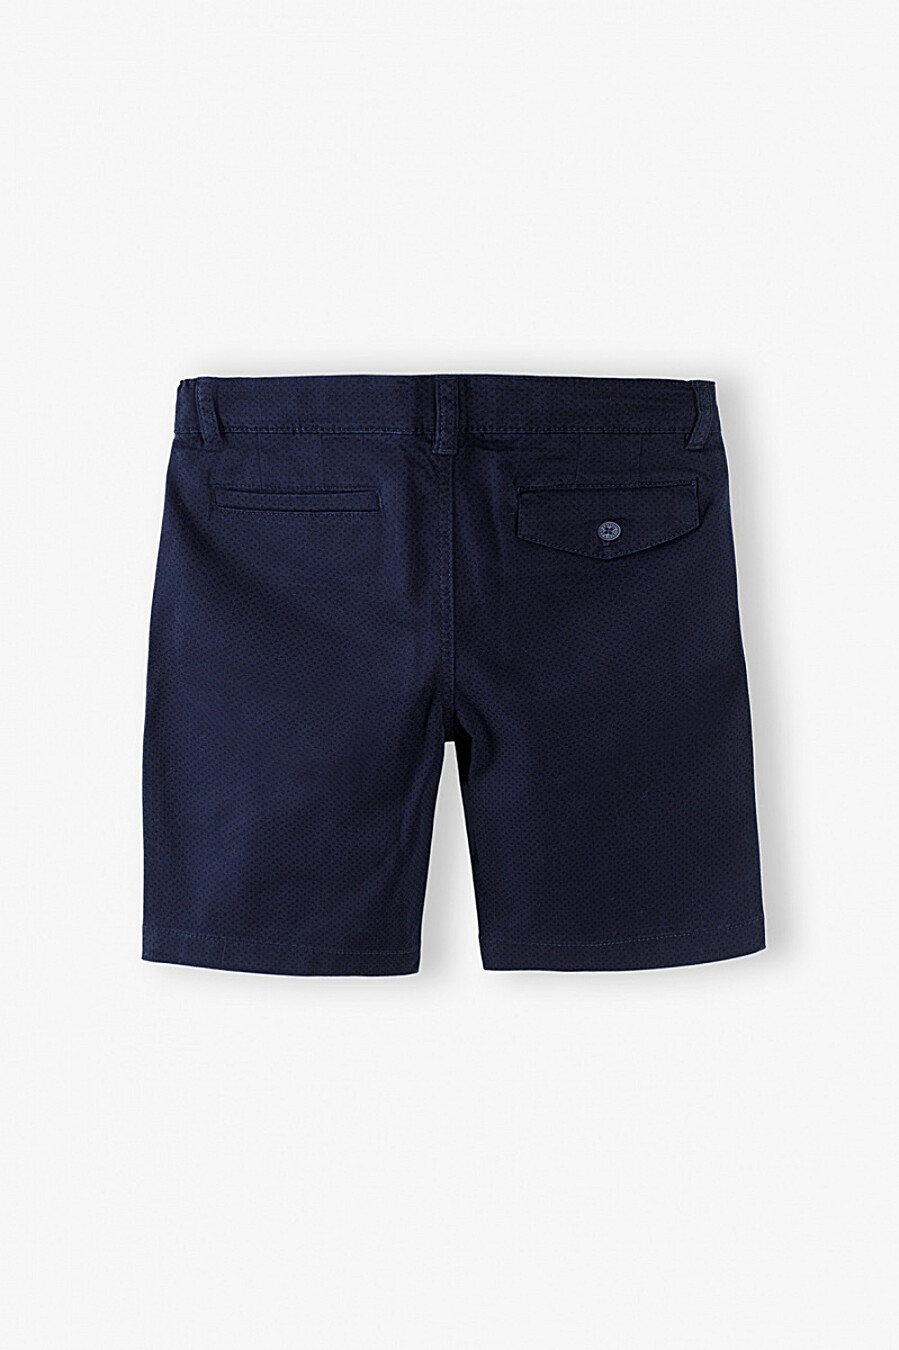 Шорты для мальчиков 5.10.15 668590 купить оптом от производителя. Совместная покупка детской одежды в OptMoyo